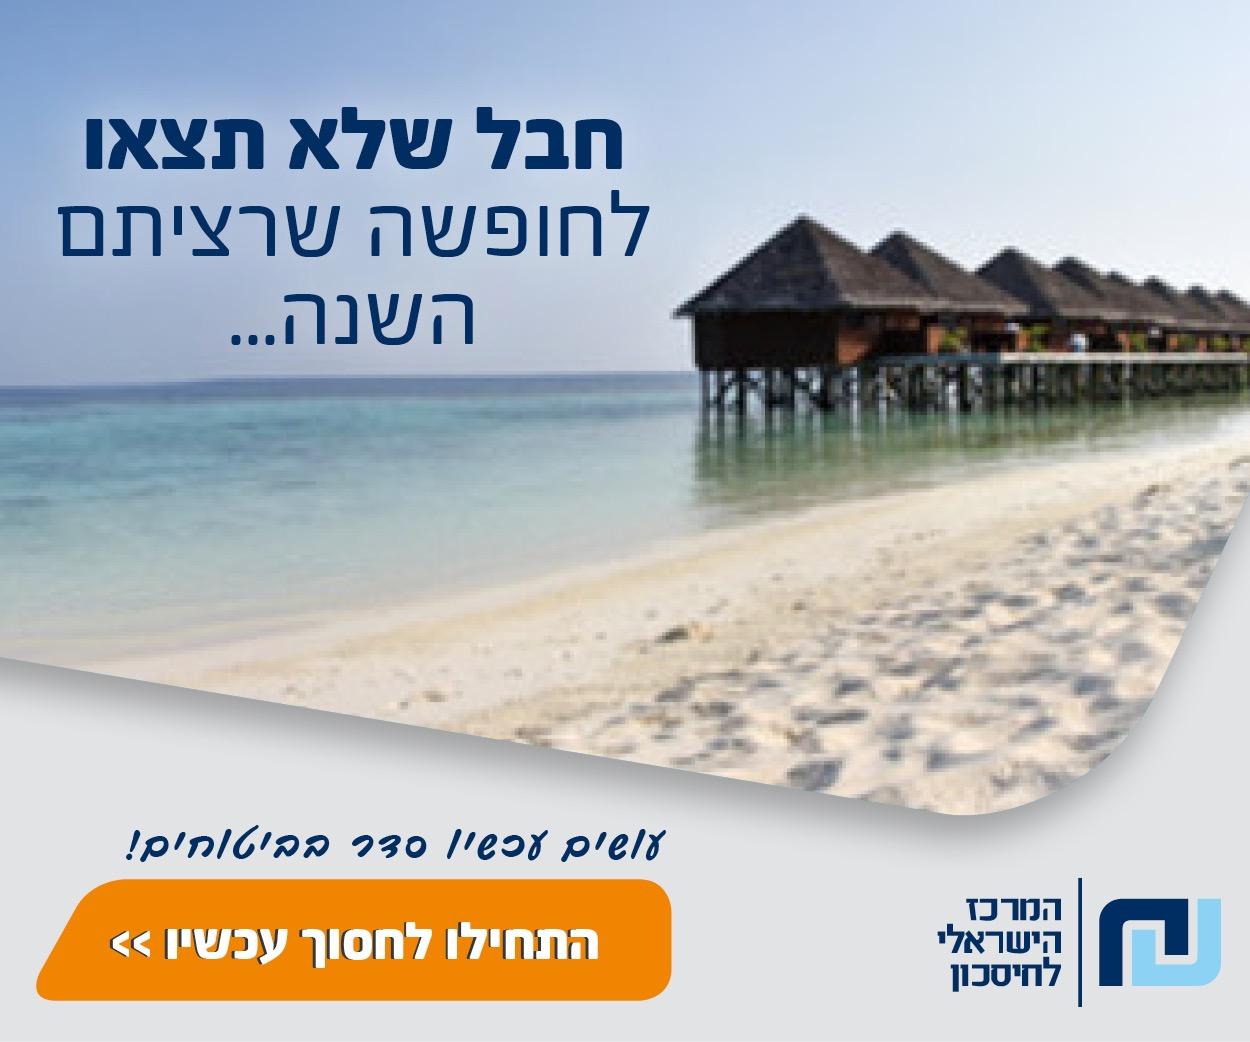 תמונה של חוף ים ואווירה של חופש ובגלל כפל ביטוחים לא נשאר כסף לצאת לחופשה